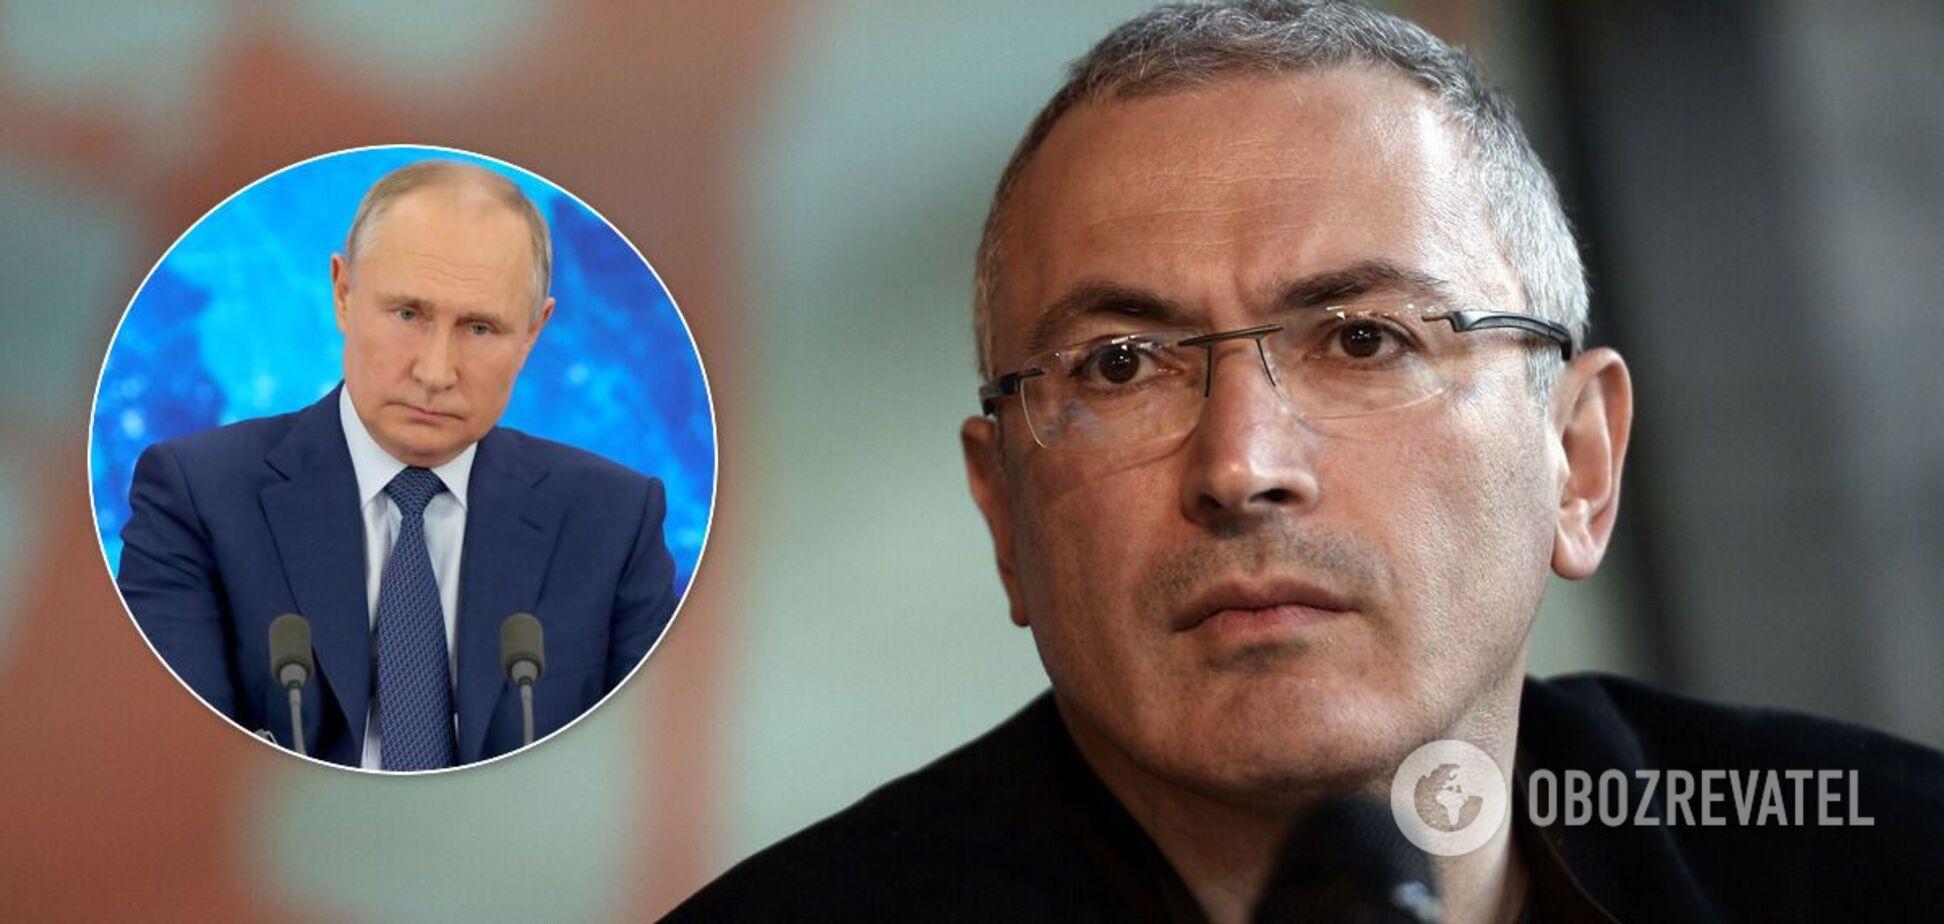 Ходорковський заявив, що Путін уже хоче піти, і розповів про можливого наступника